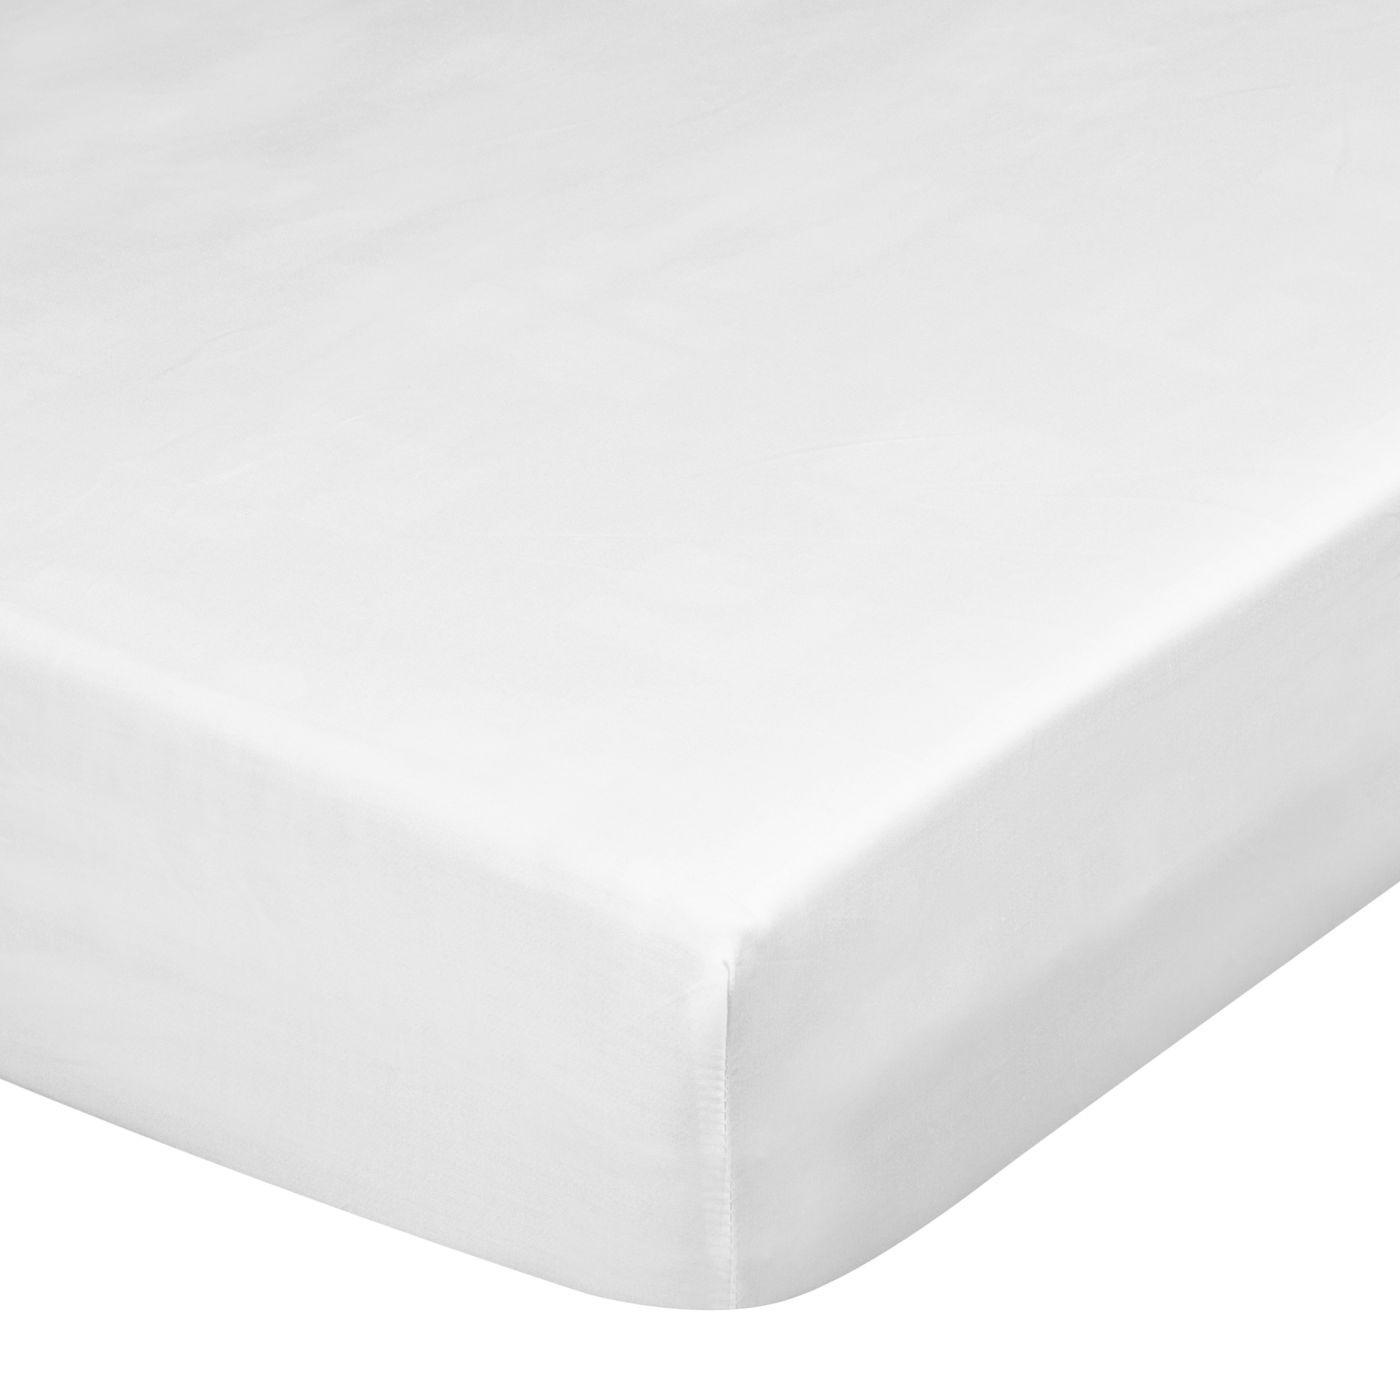 Prześcieradło z makosatyny gładkie 140x200+30cm kolor biały